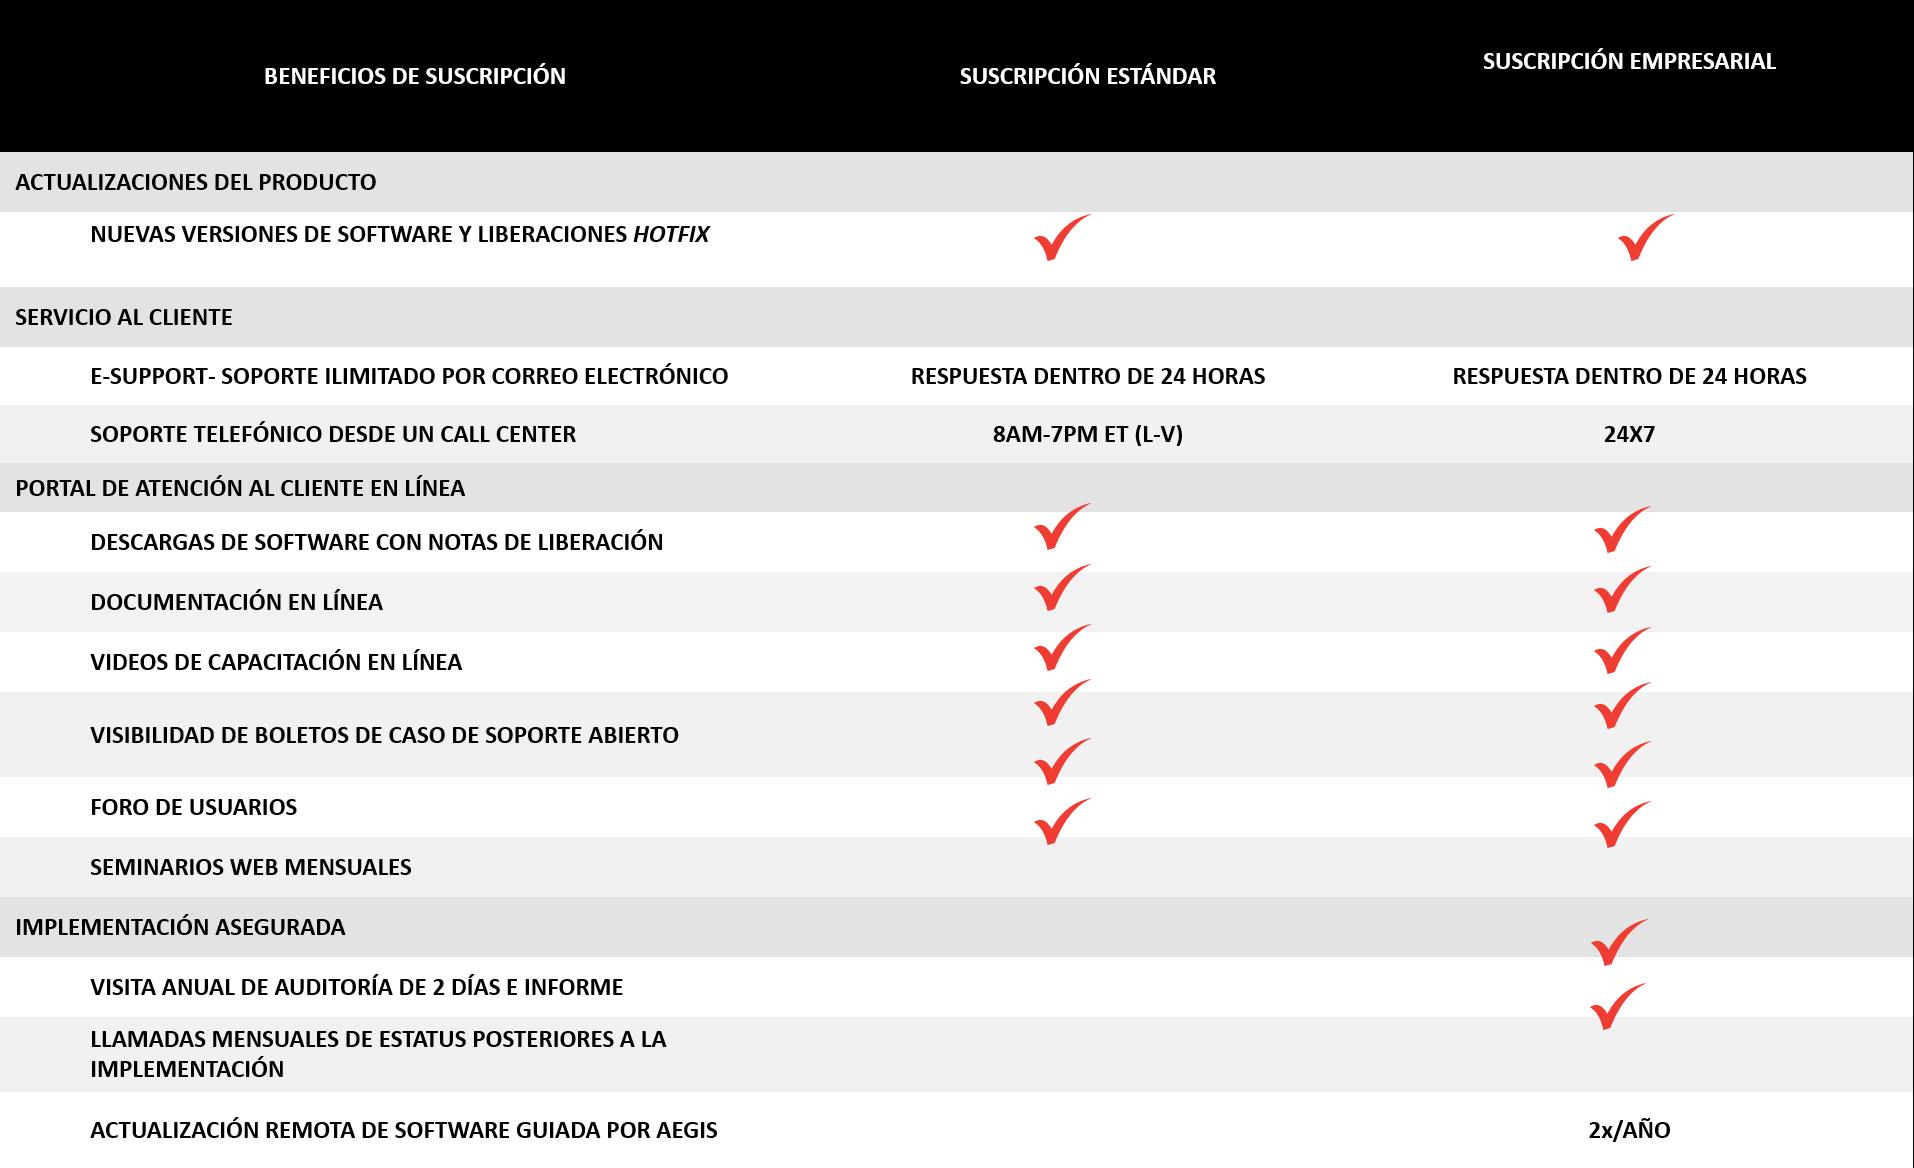 Tabla de contratos de mantenimiento de servicio anual